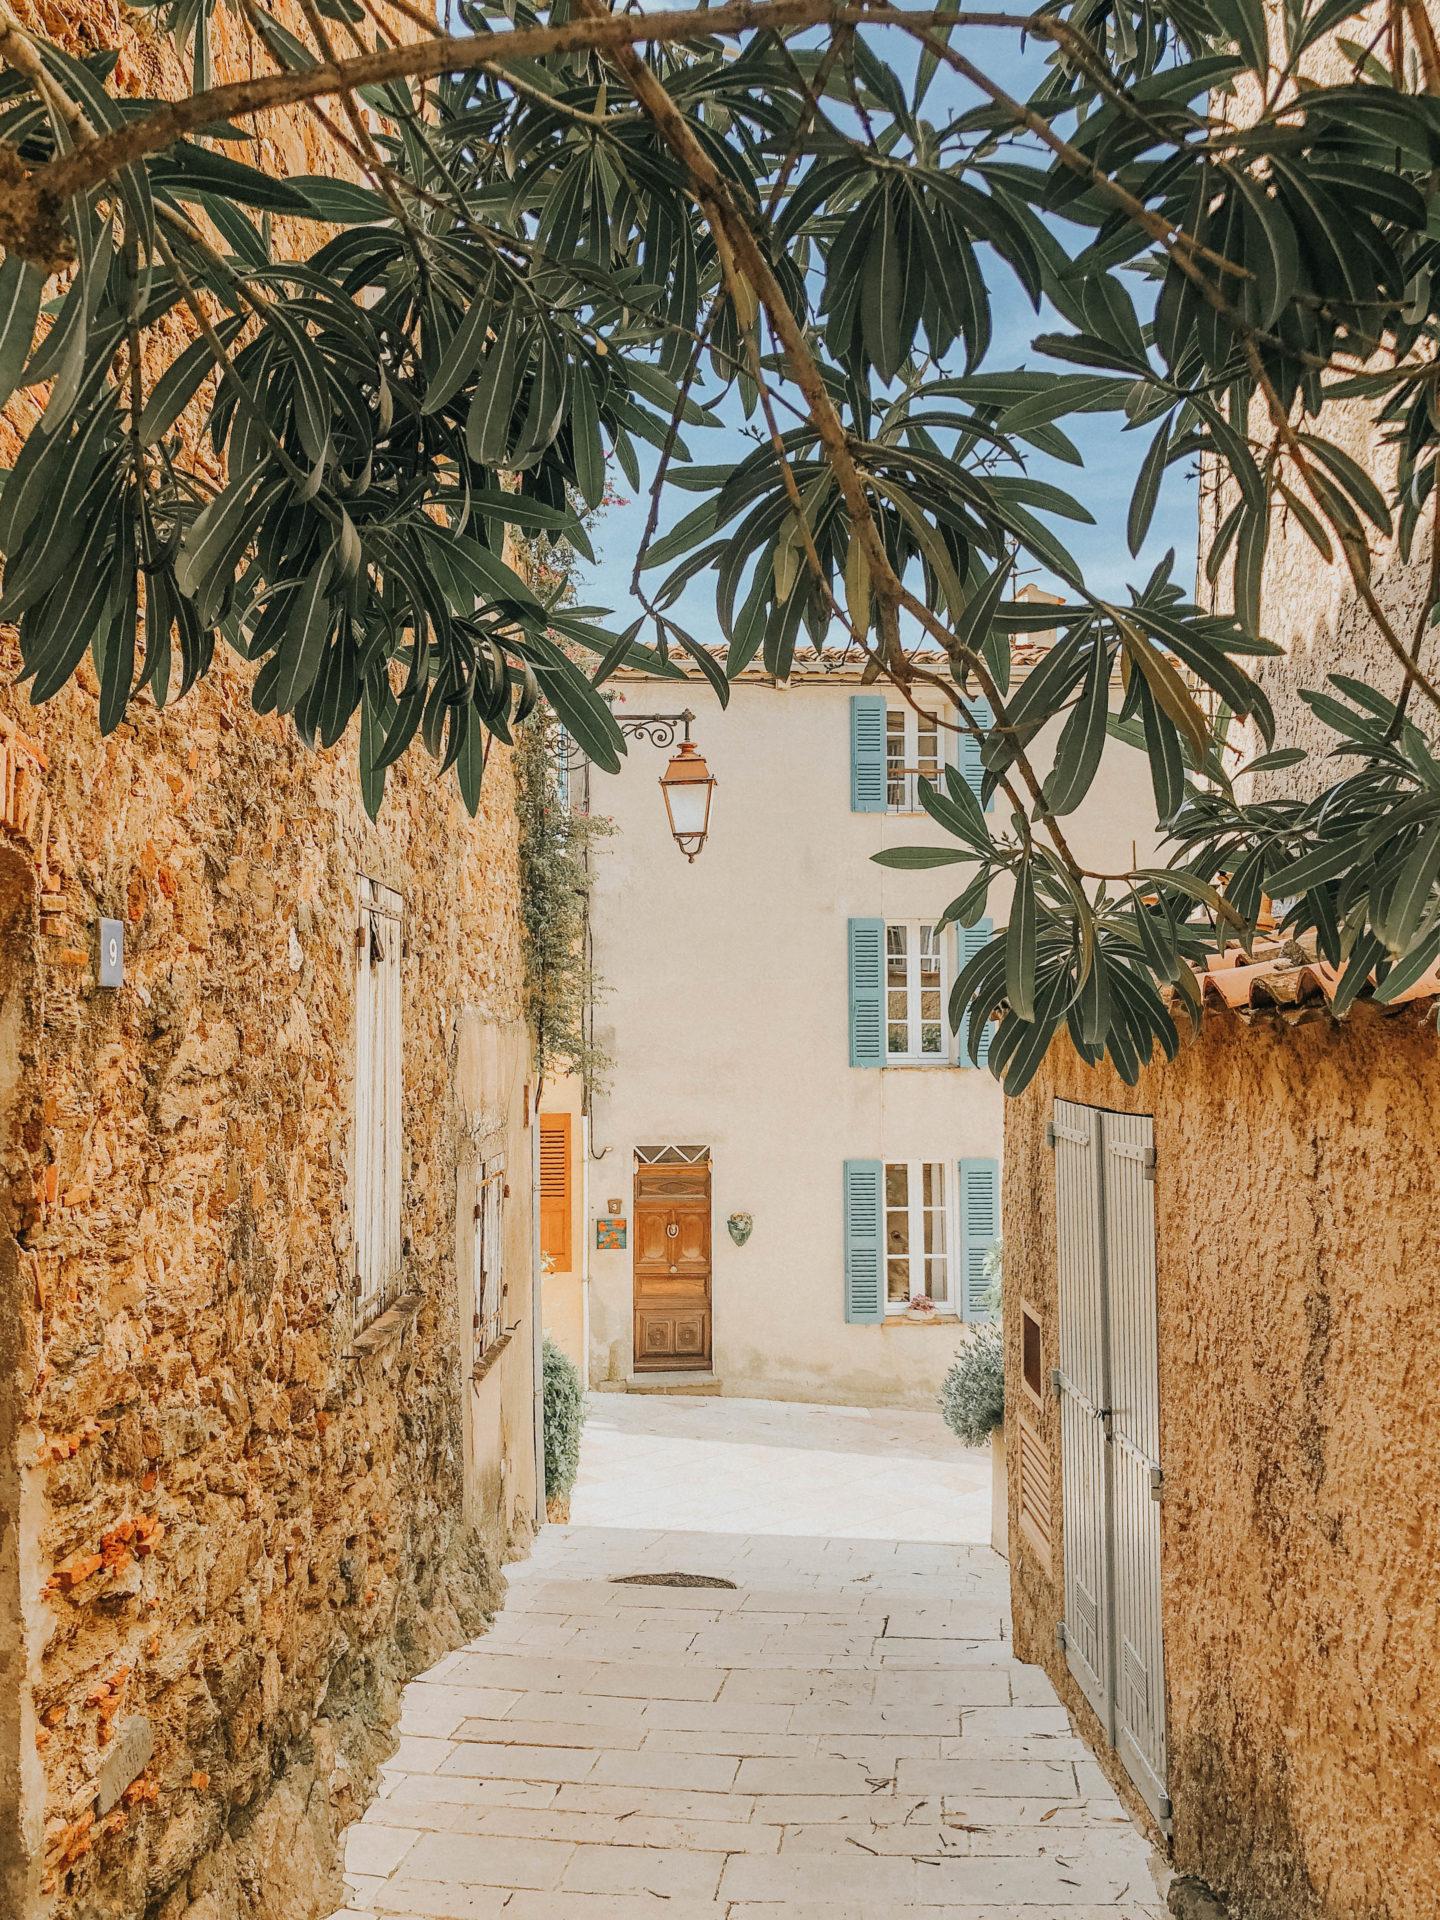 Visiter la Provence - Blondie Baby blog mode Paris et voyages